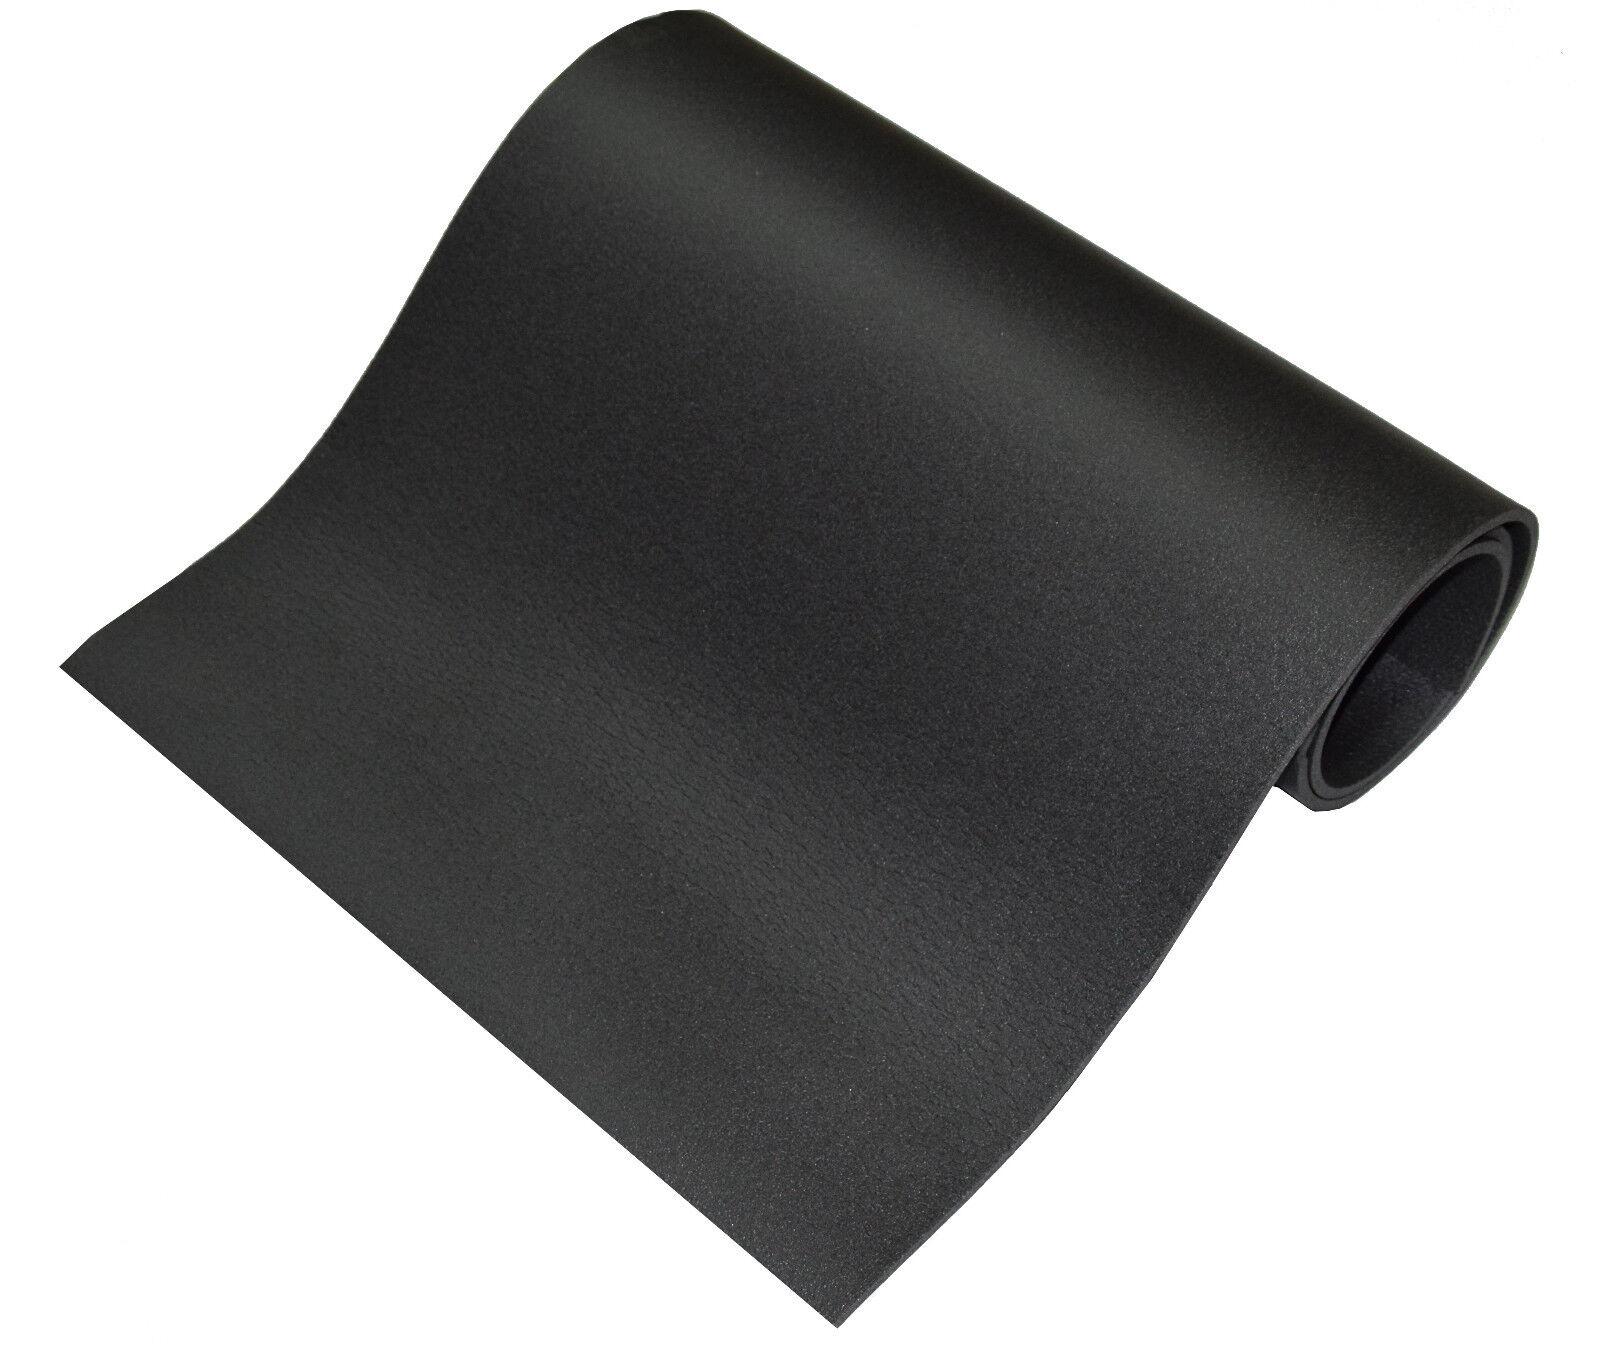 Aquarienunterlage Thermo/Sicherheitsunterlage 6mm Stärke 25cm - 300cm Länge